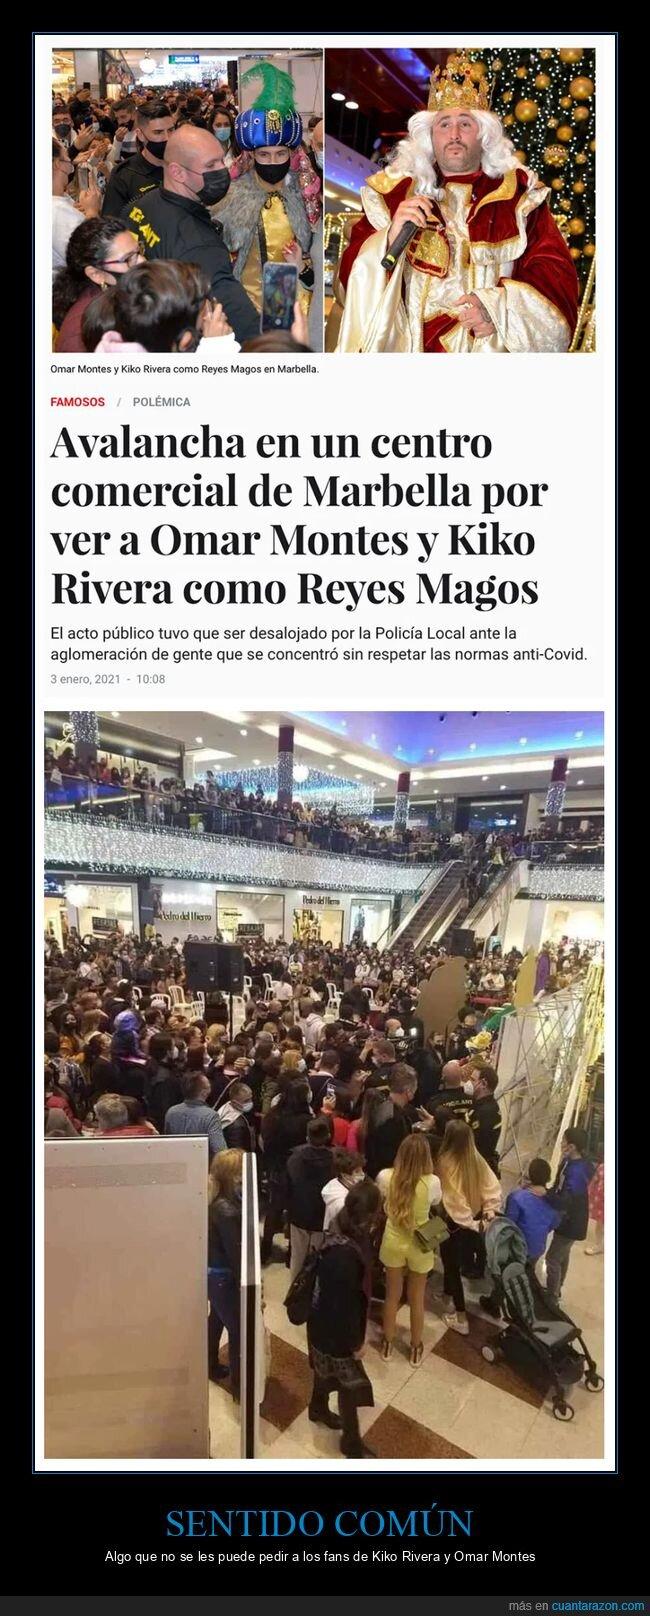 centro comercial,monguers,omar montes,paquirrín,reyes magos